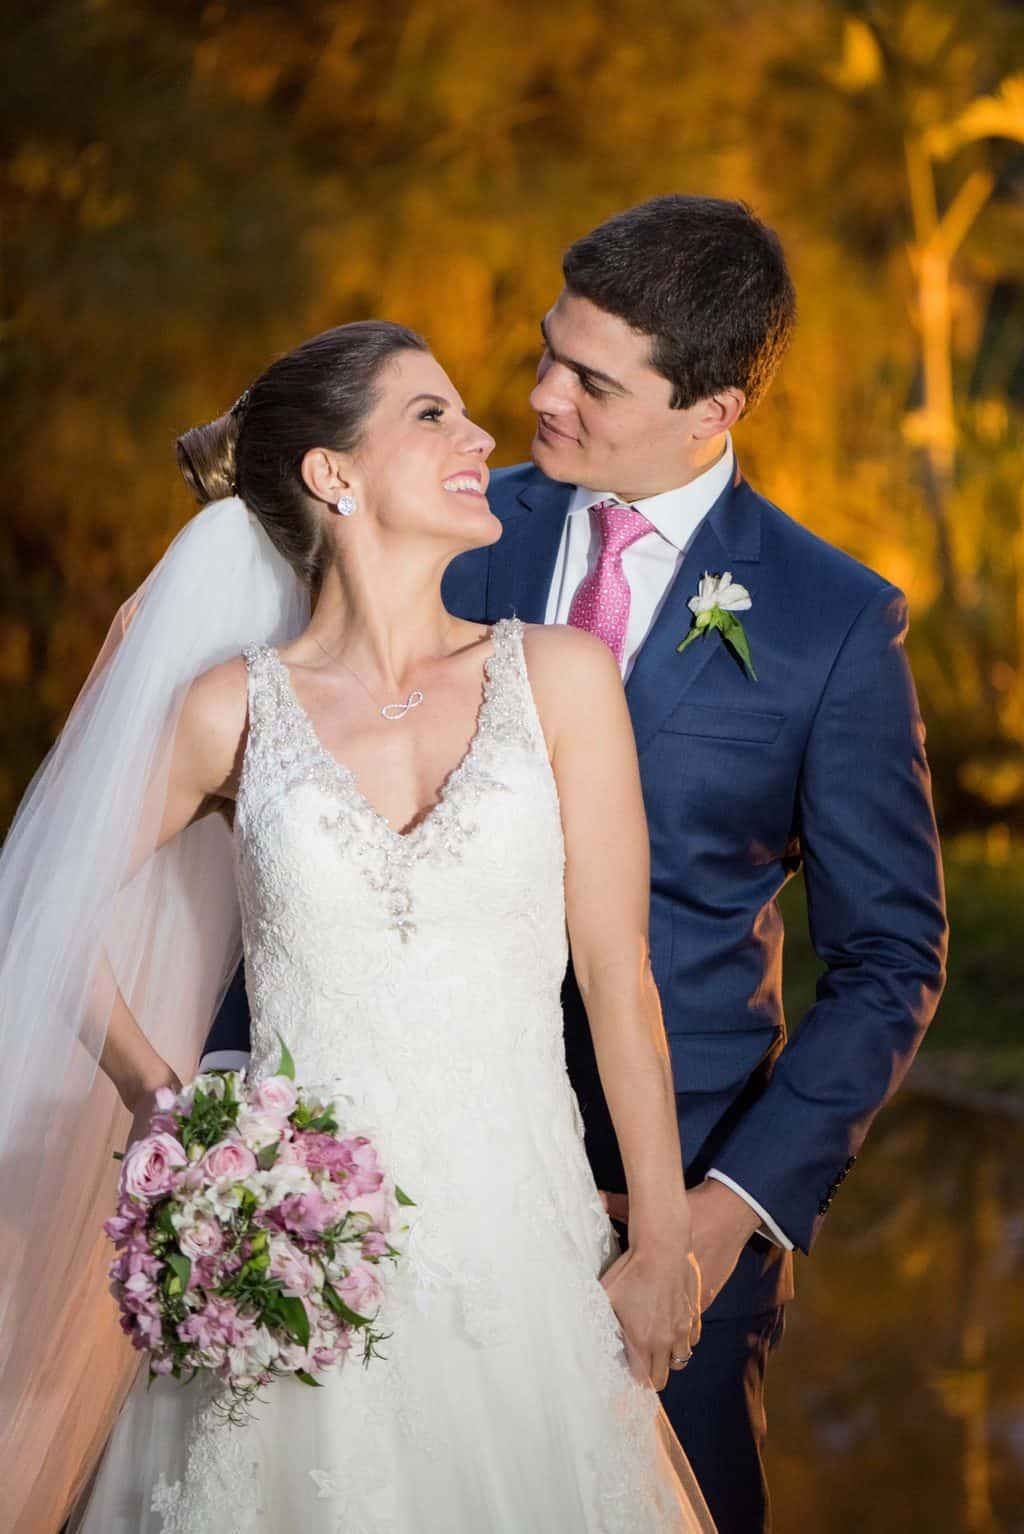 casamento-na-serra-foto-marina-fava-6